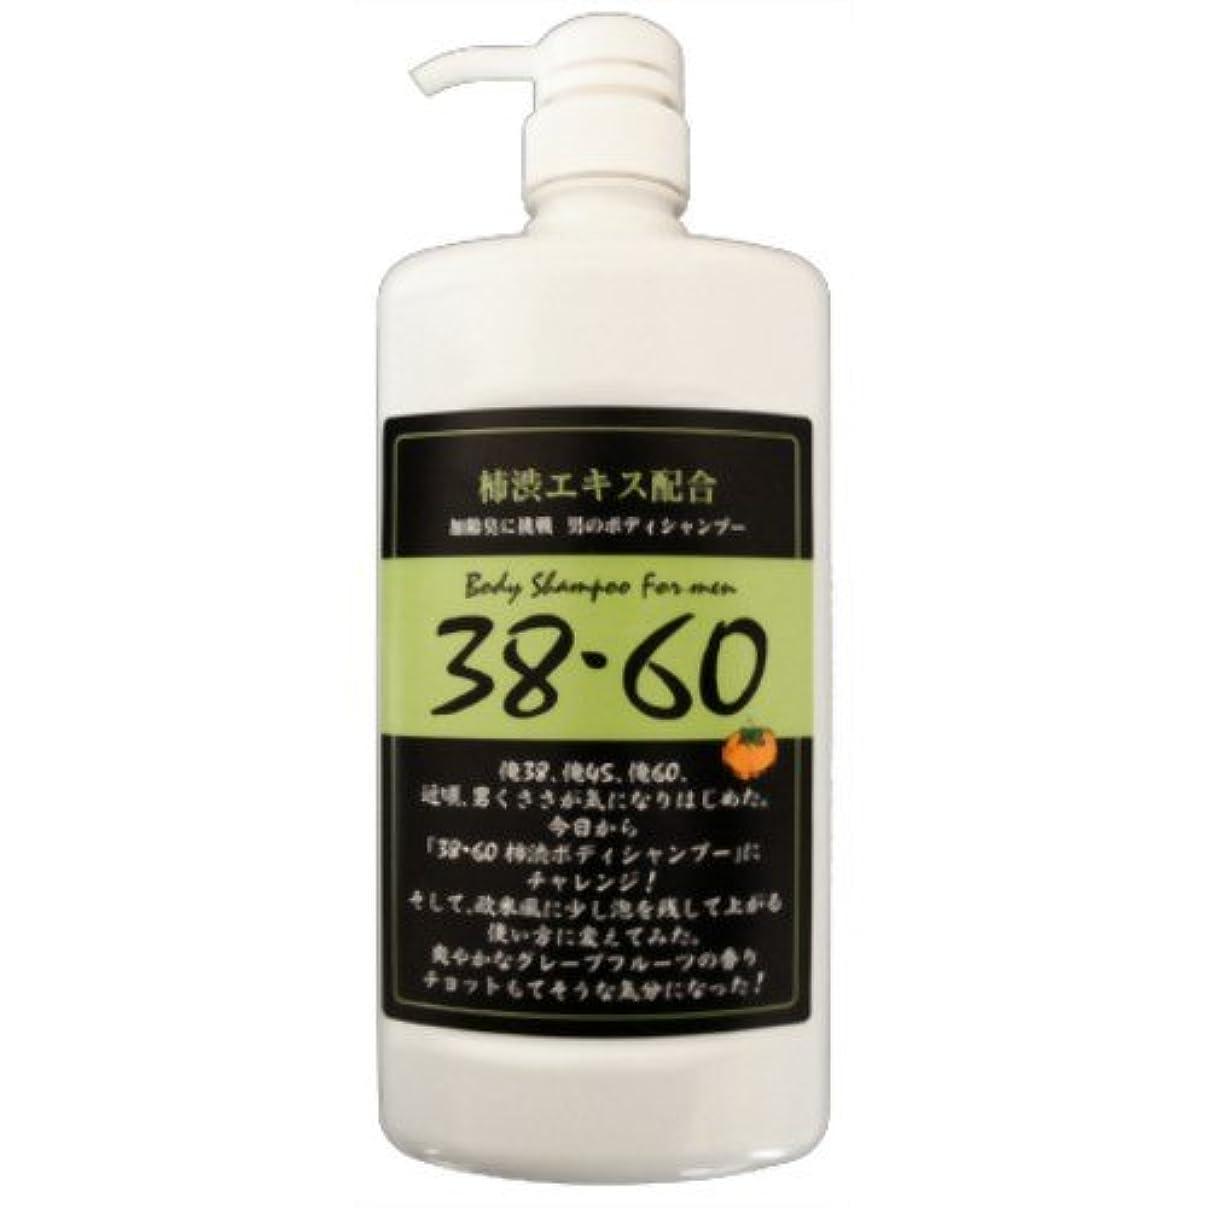 通り退屈な永続38?60柿渋ボディシャンプー詰替1500ml